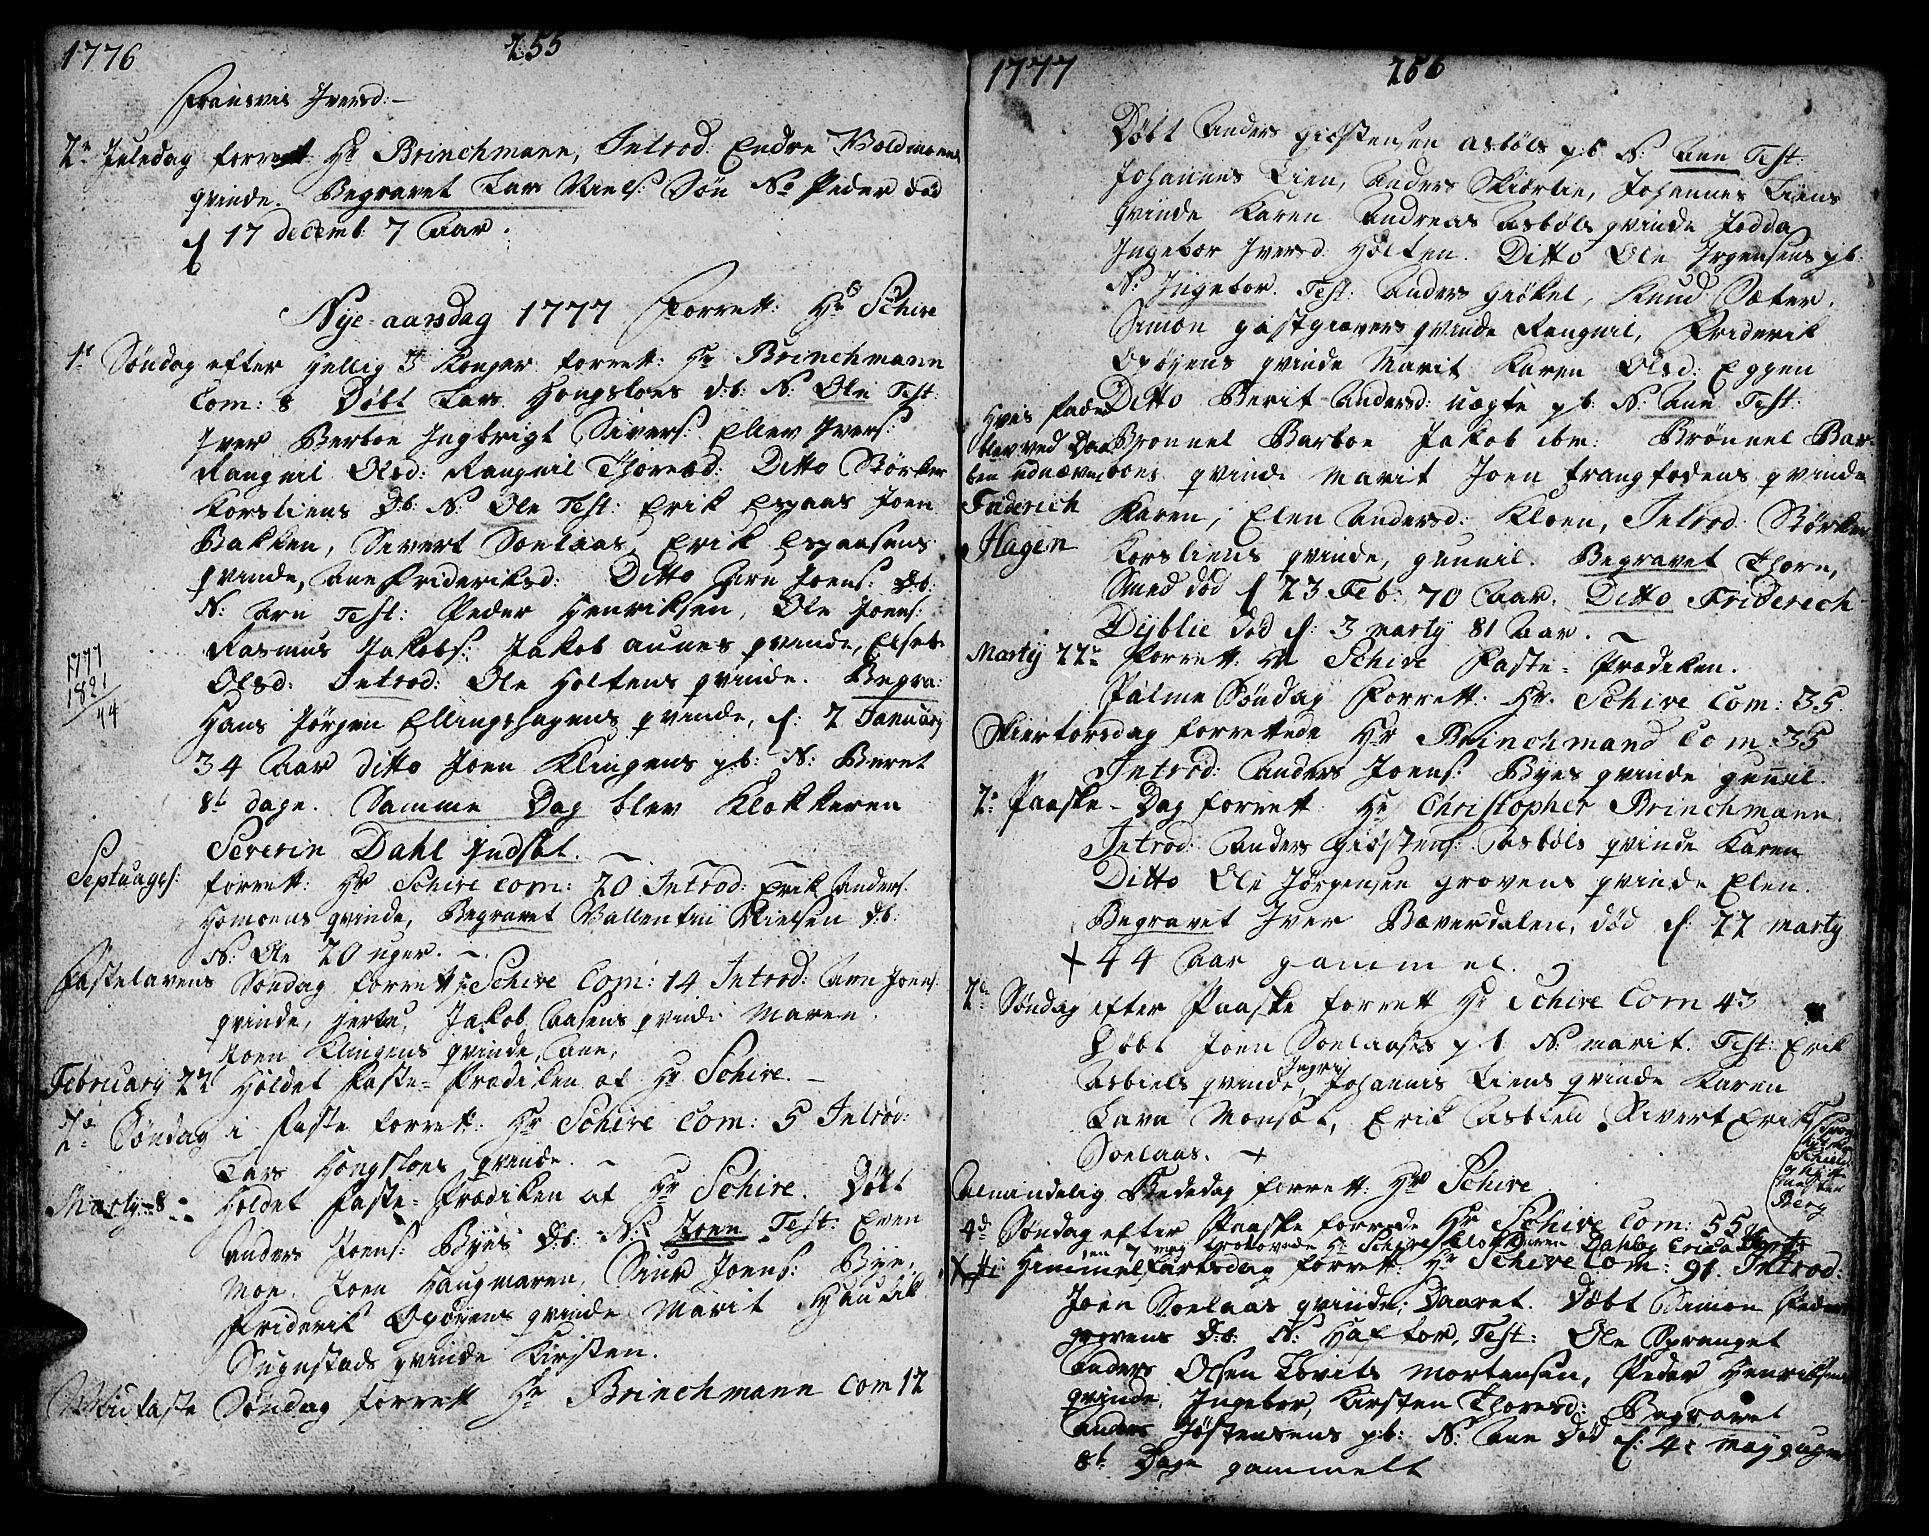 SAT, Ministerialprotokoller, klokkerbøker og fødselsregistre - Sør-Trøndelag, 671/L0840: Ministerialbok nr. 671A02, 1756-1794, s. 255-256